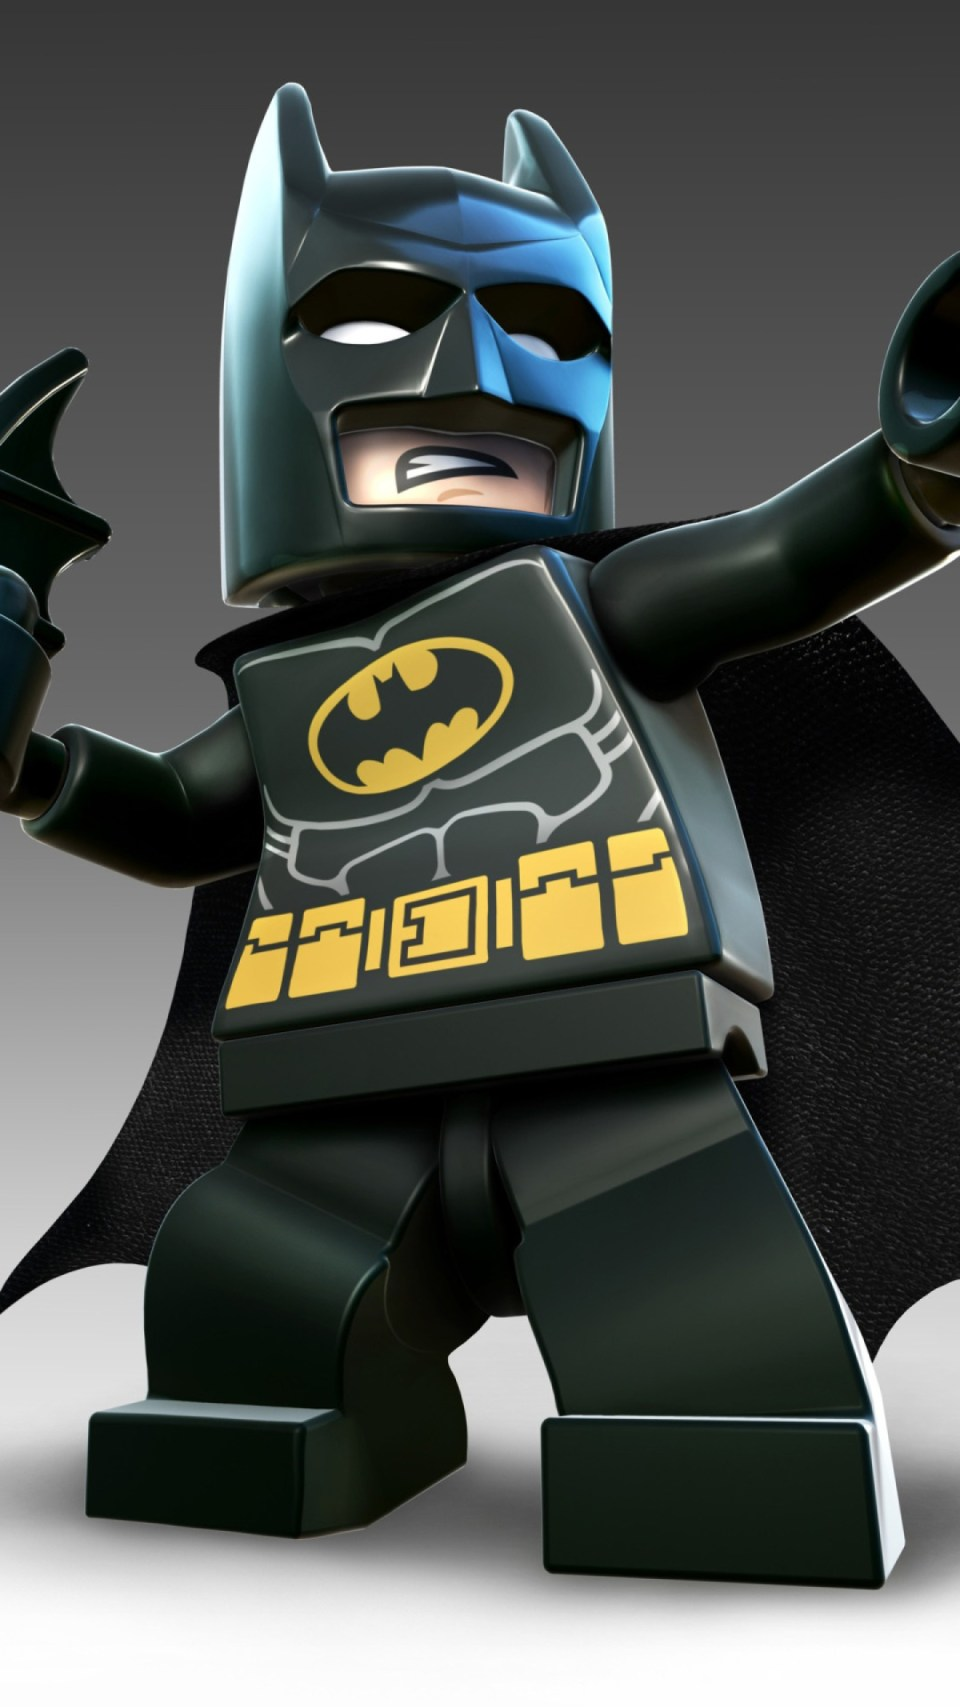 Super-Heroes-Lego-Batman-1080x1920